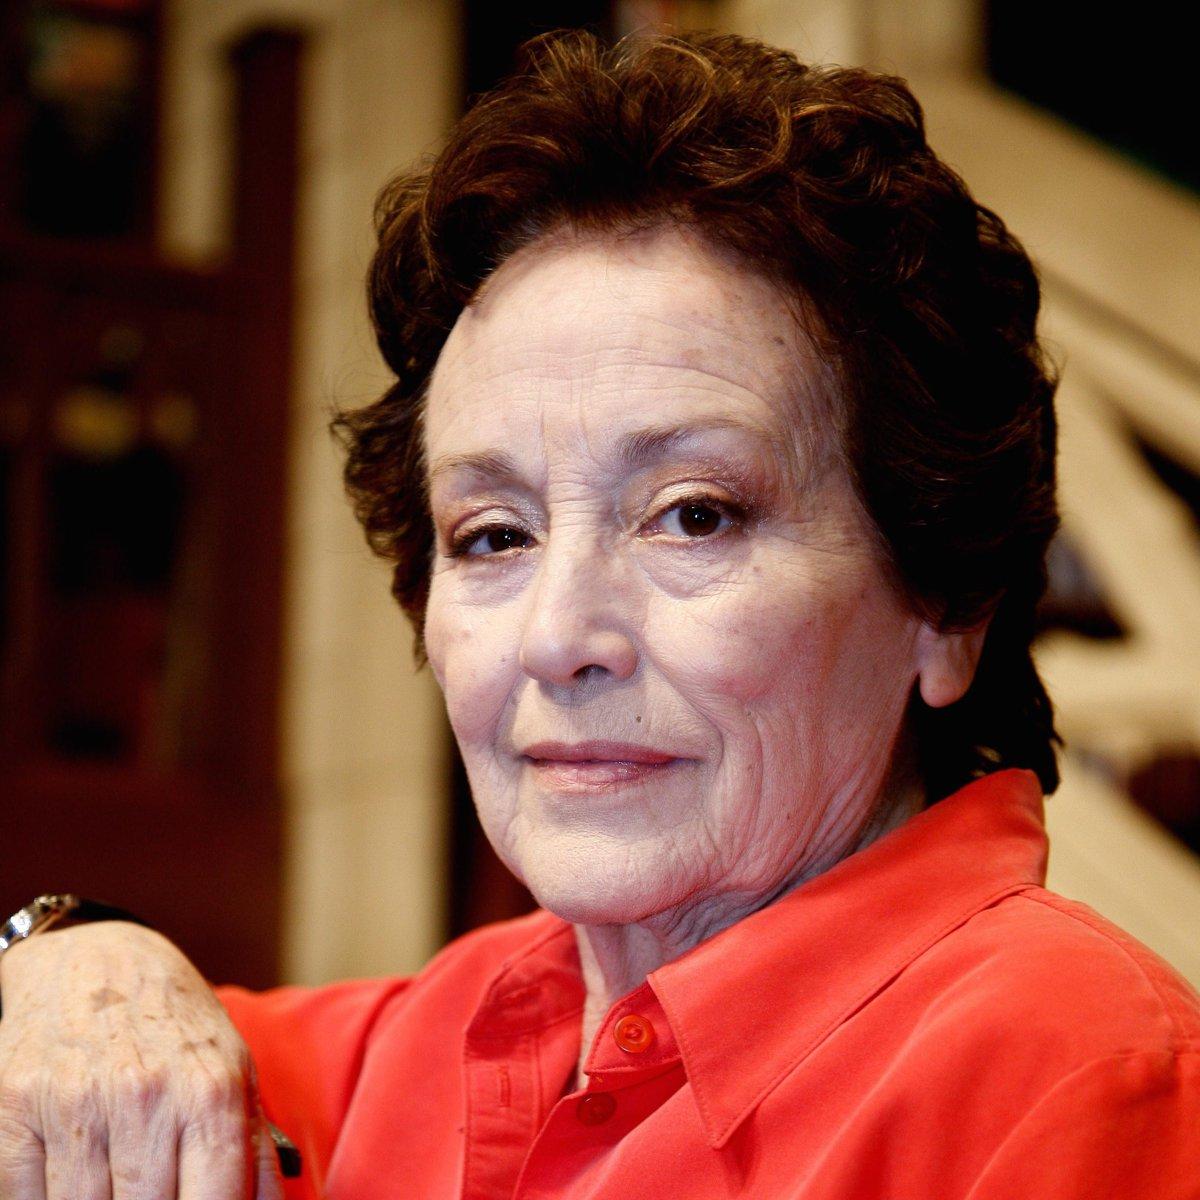 Fallece Amparo Baró a los 77 años. Vaya nuestro recuerdo a esta extraordinaria actriz. http://t.co/DgRdA4N1hu